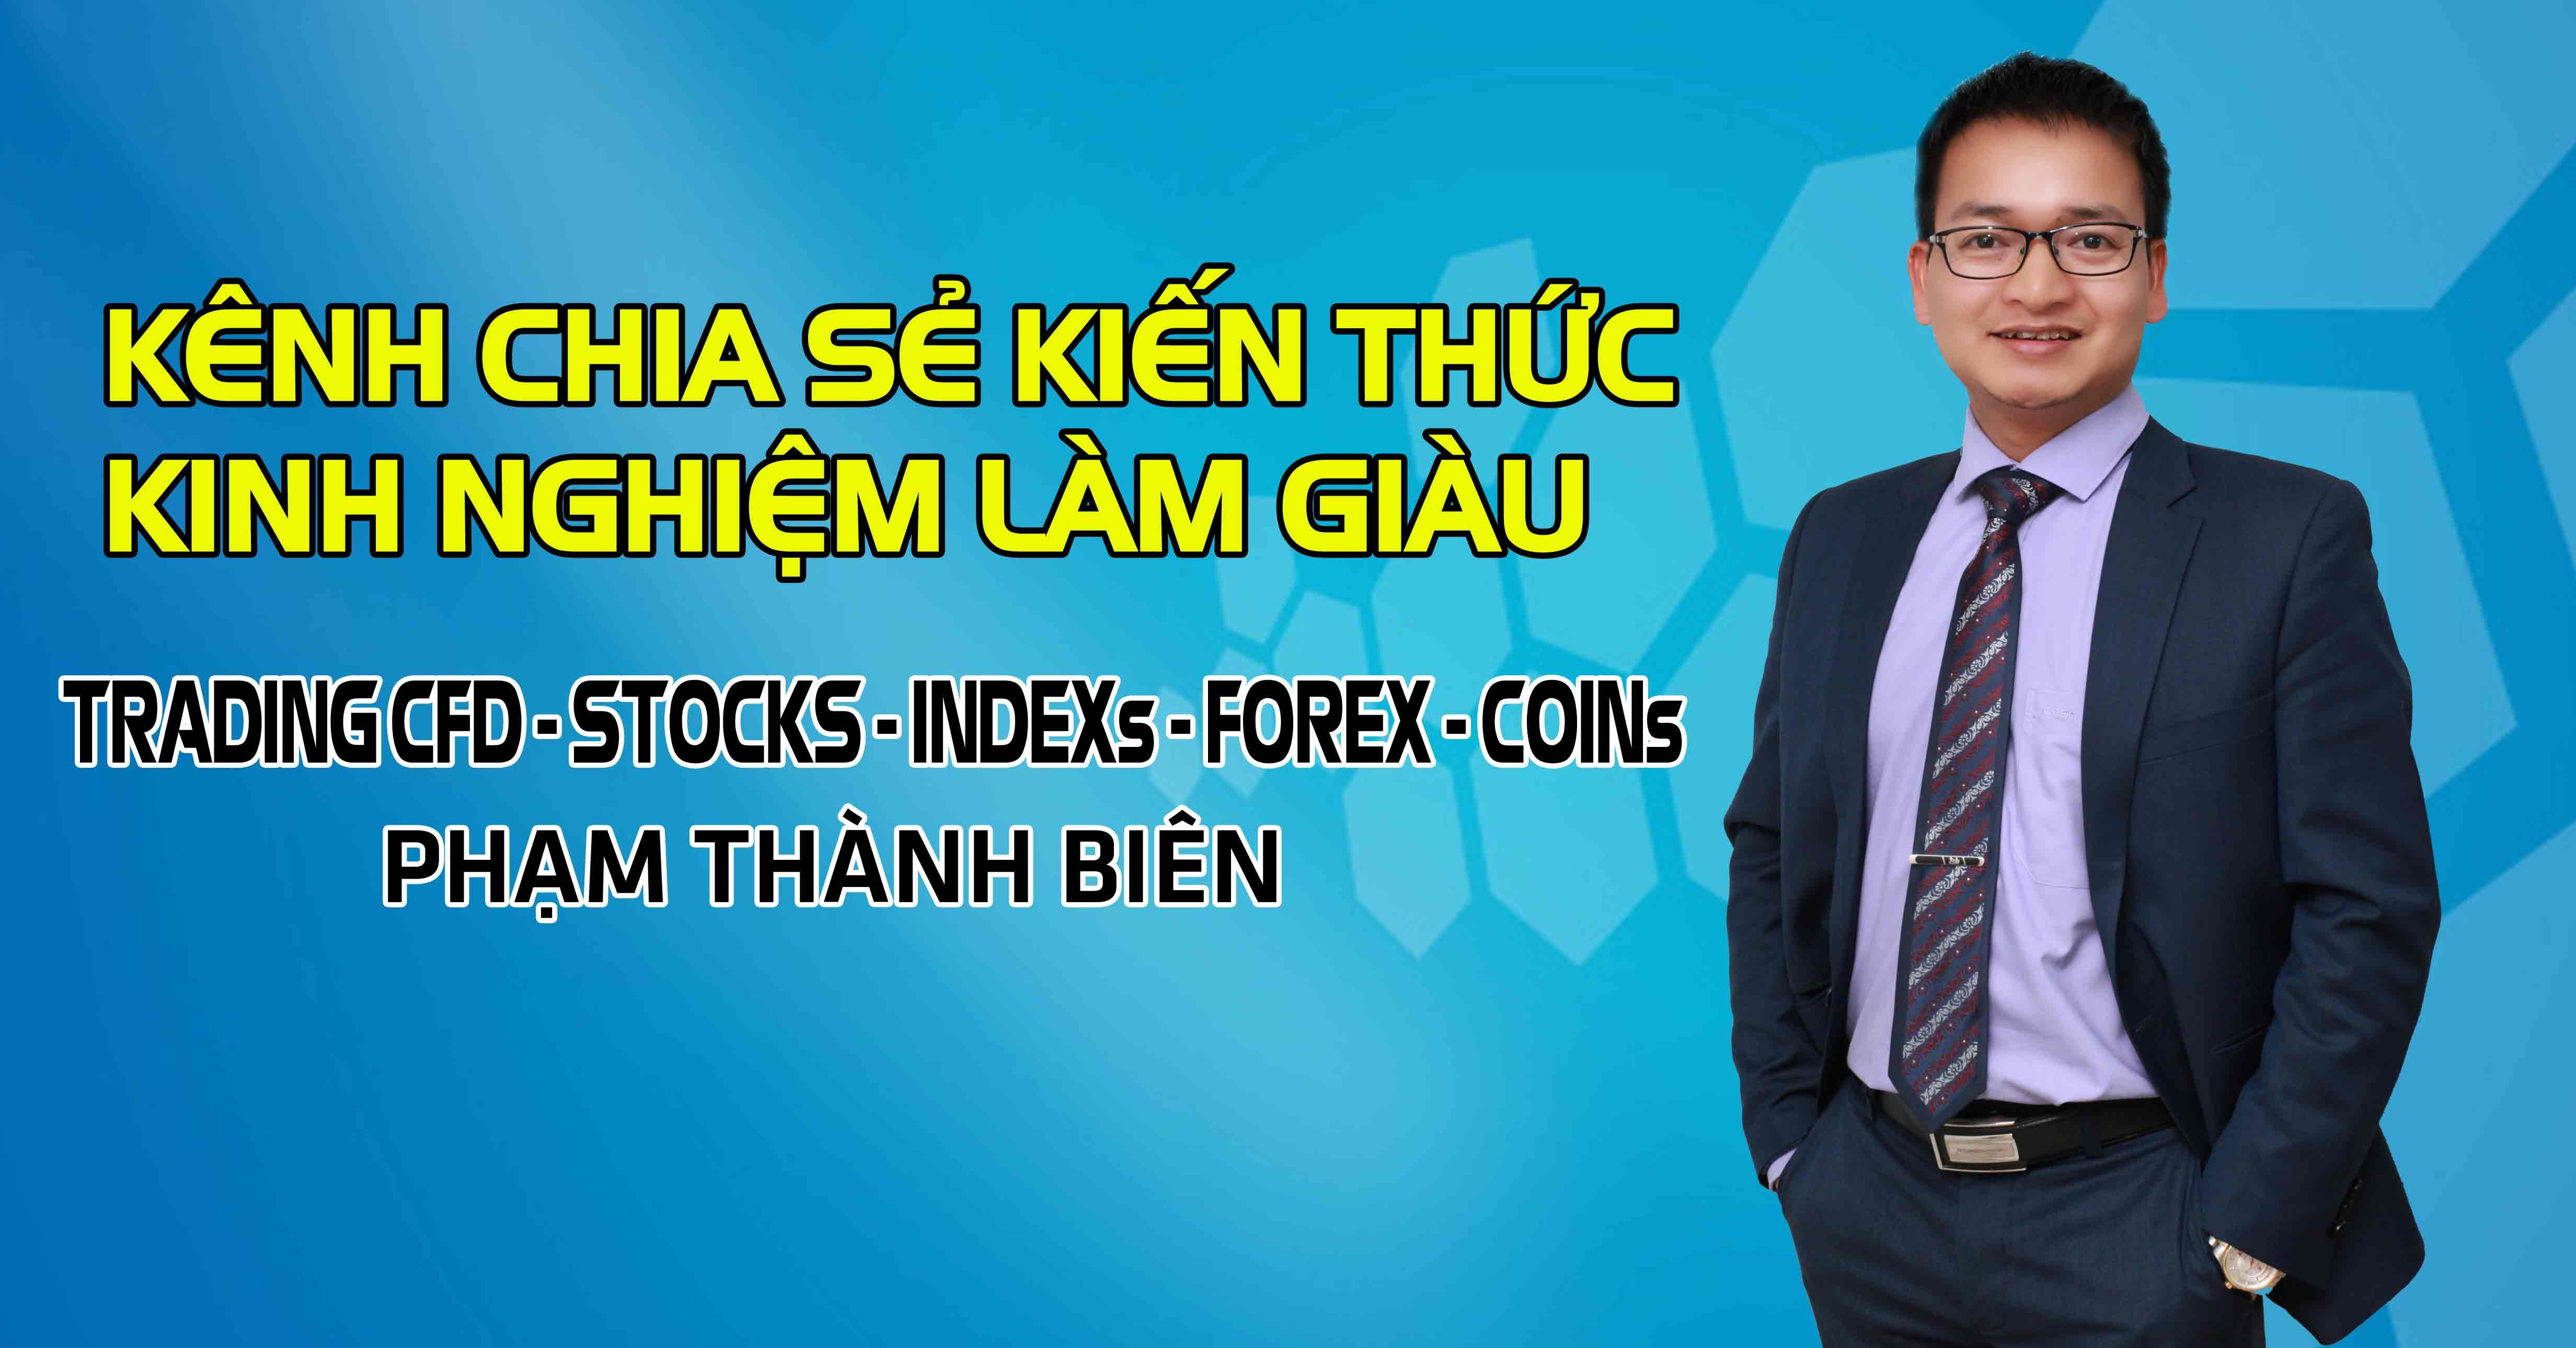 Kênh Youtube của thầy Phạm Thành Biên